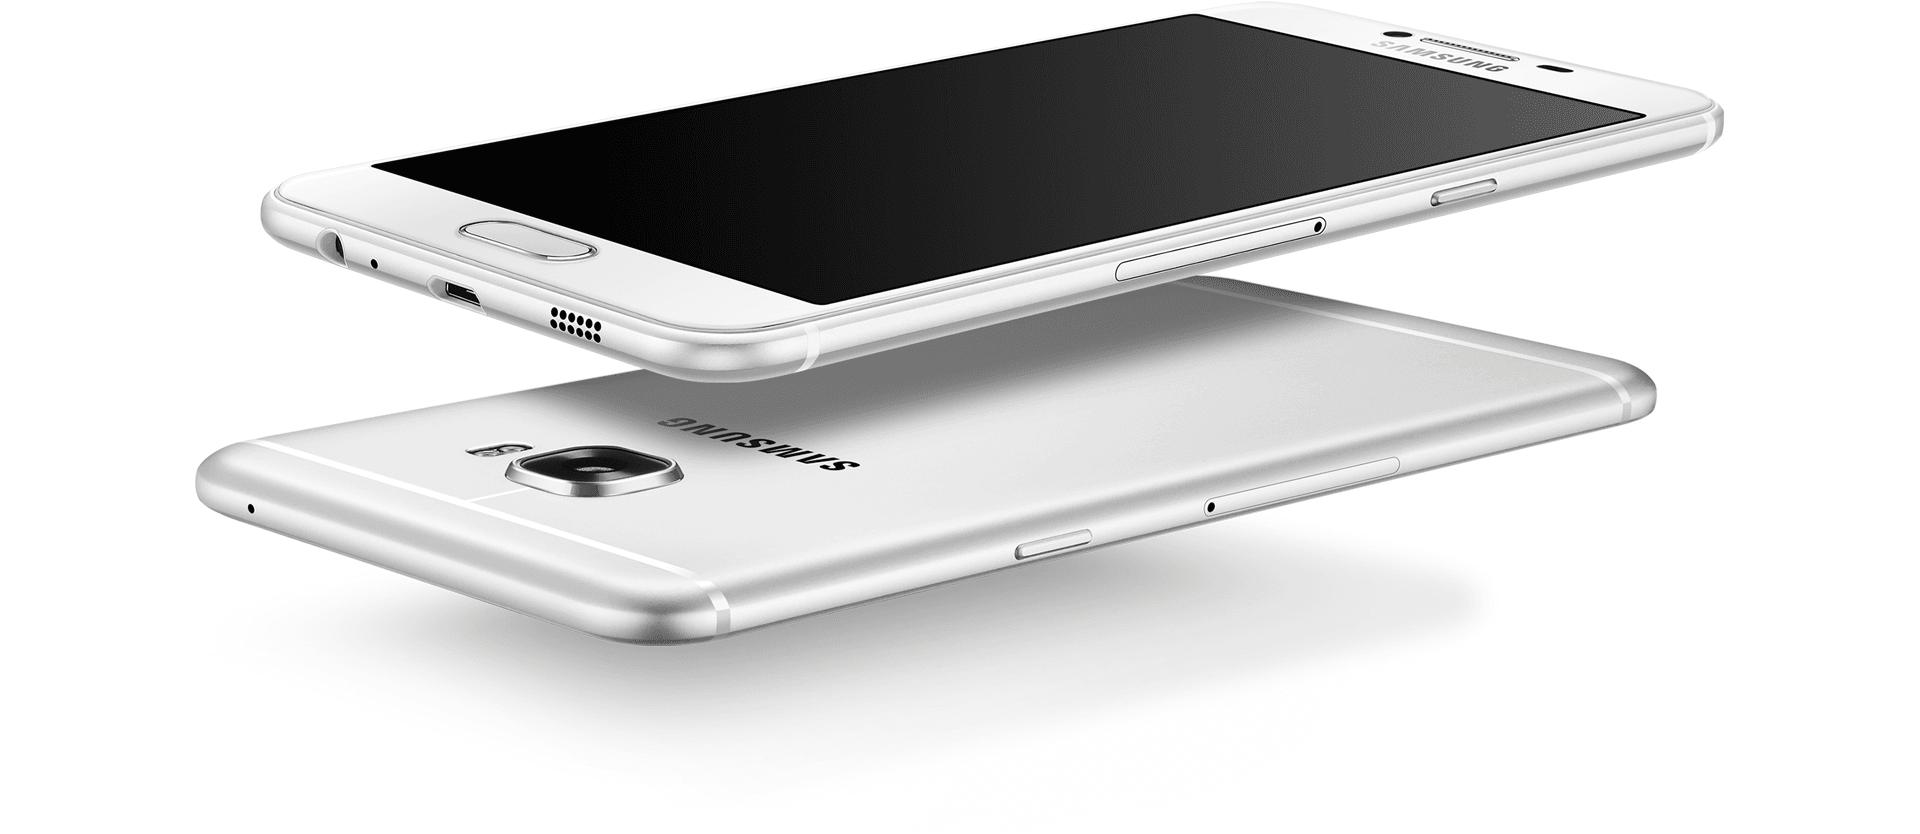 Samsung Galaxy C5 Pro i Galaxy C7 Pro raczej w styczniu przyszłego roku 19